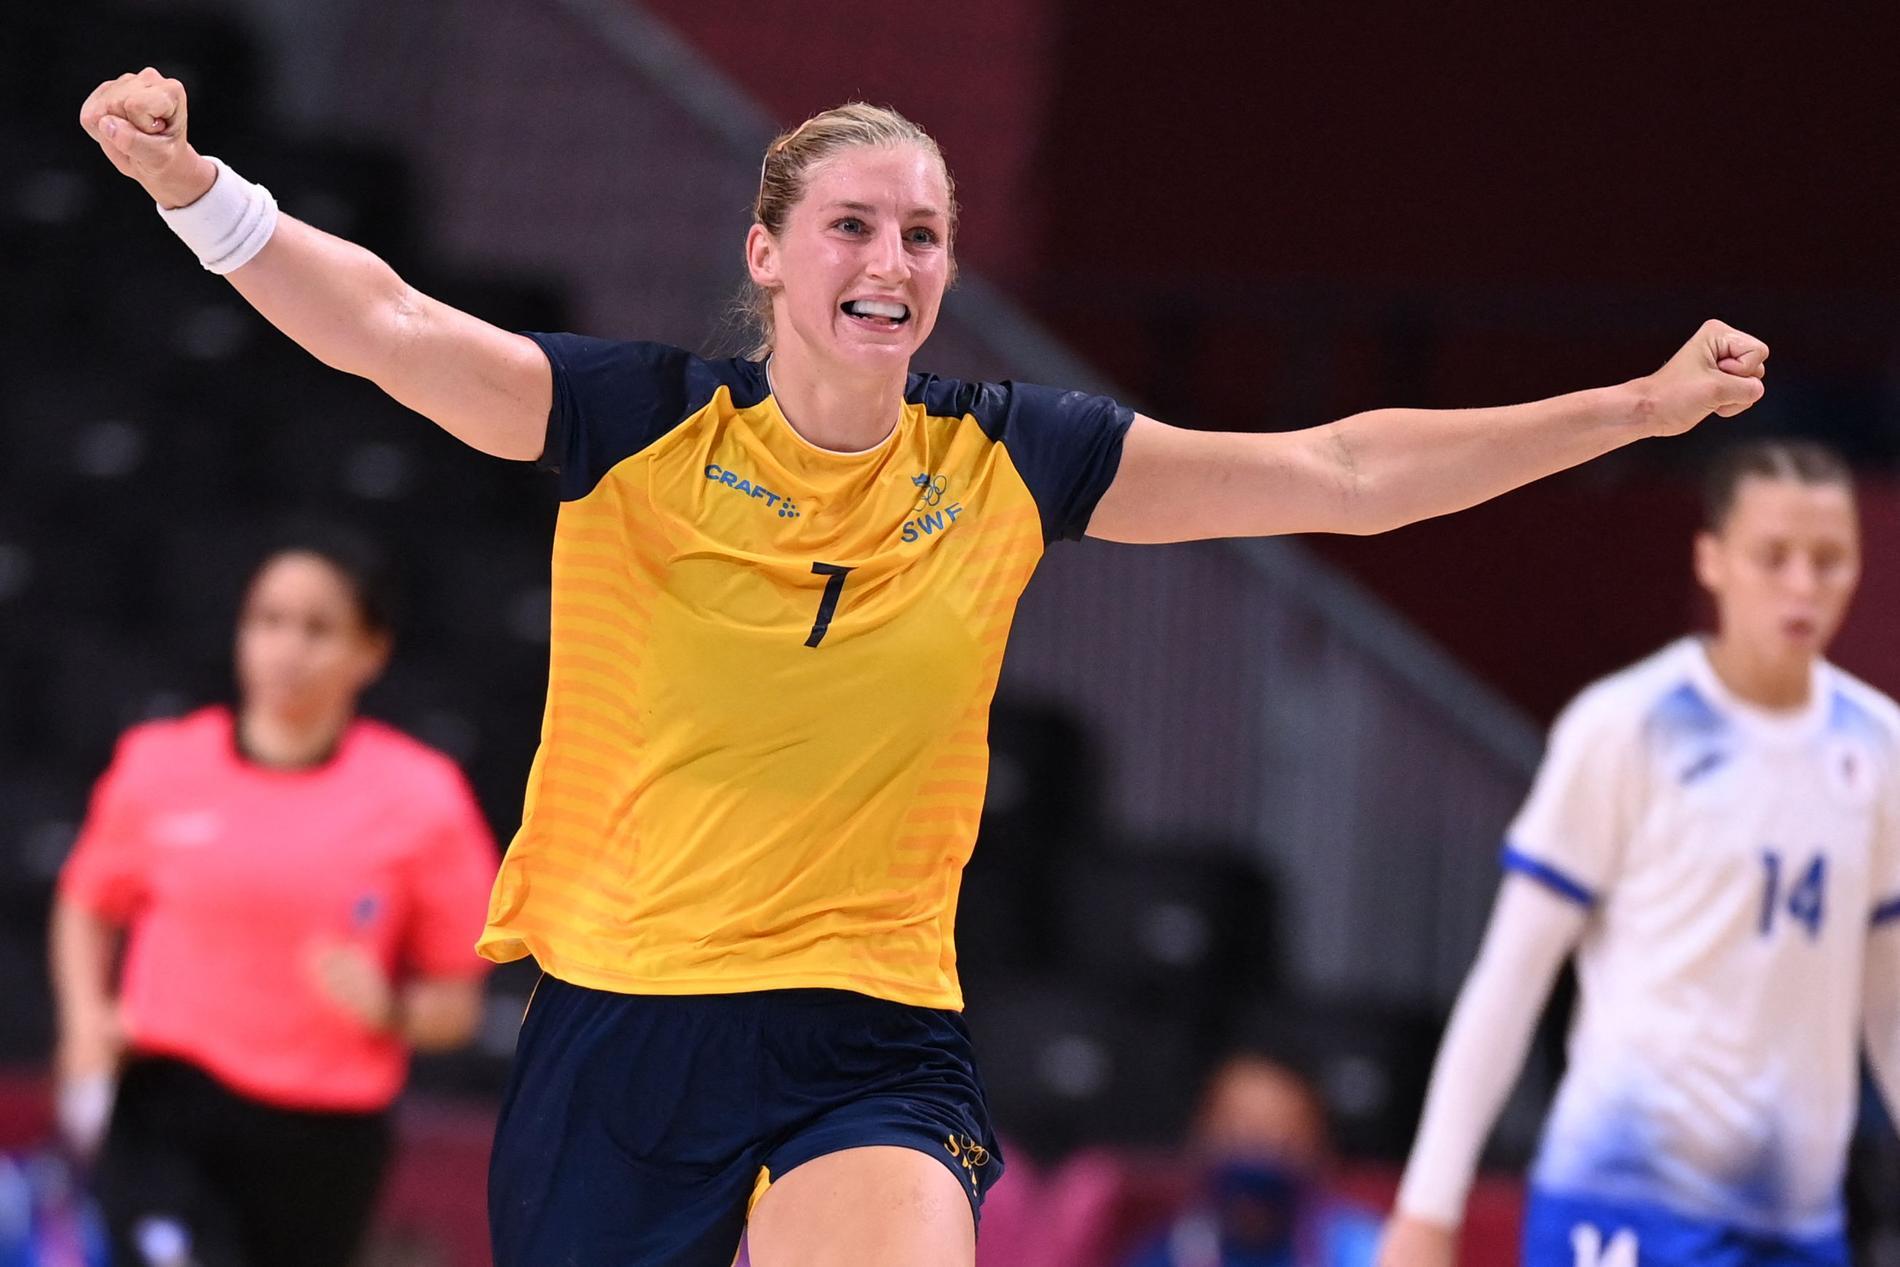 Linn Blohm jublar efter ett av sina mål mot det ryska laget.